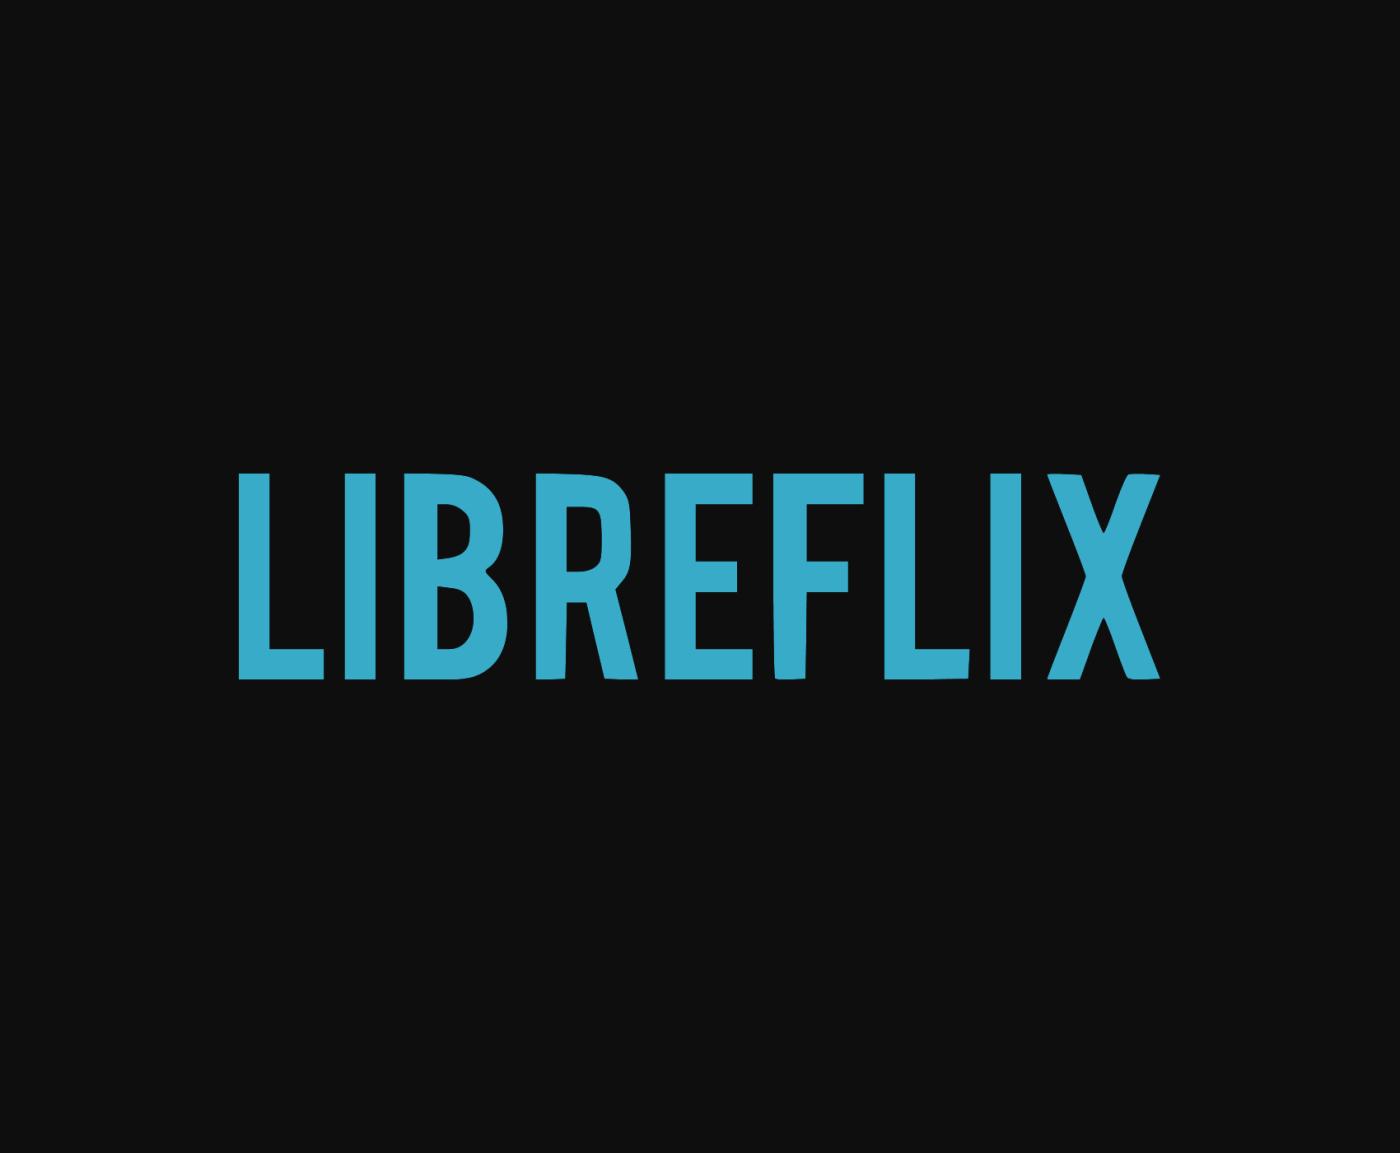 Libreflix - Produções audiovisuais independentes que fazem pensar